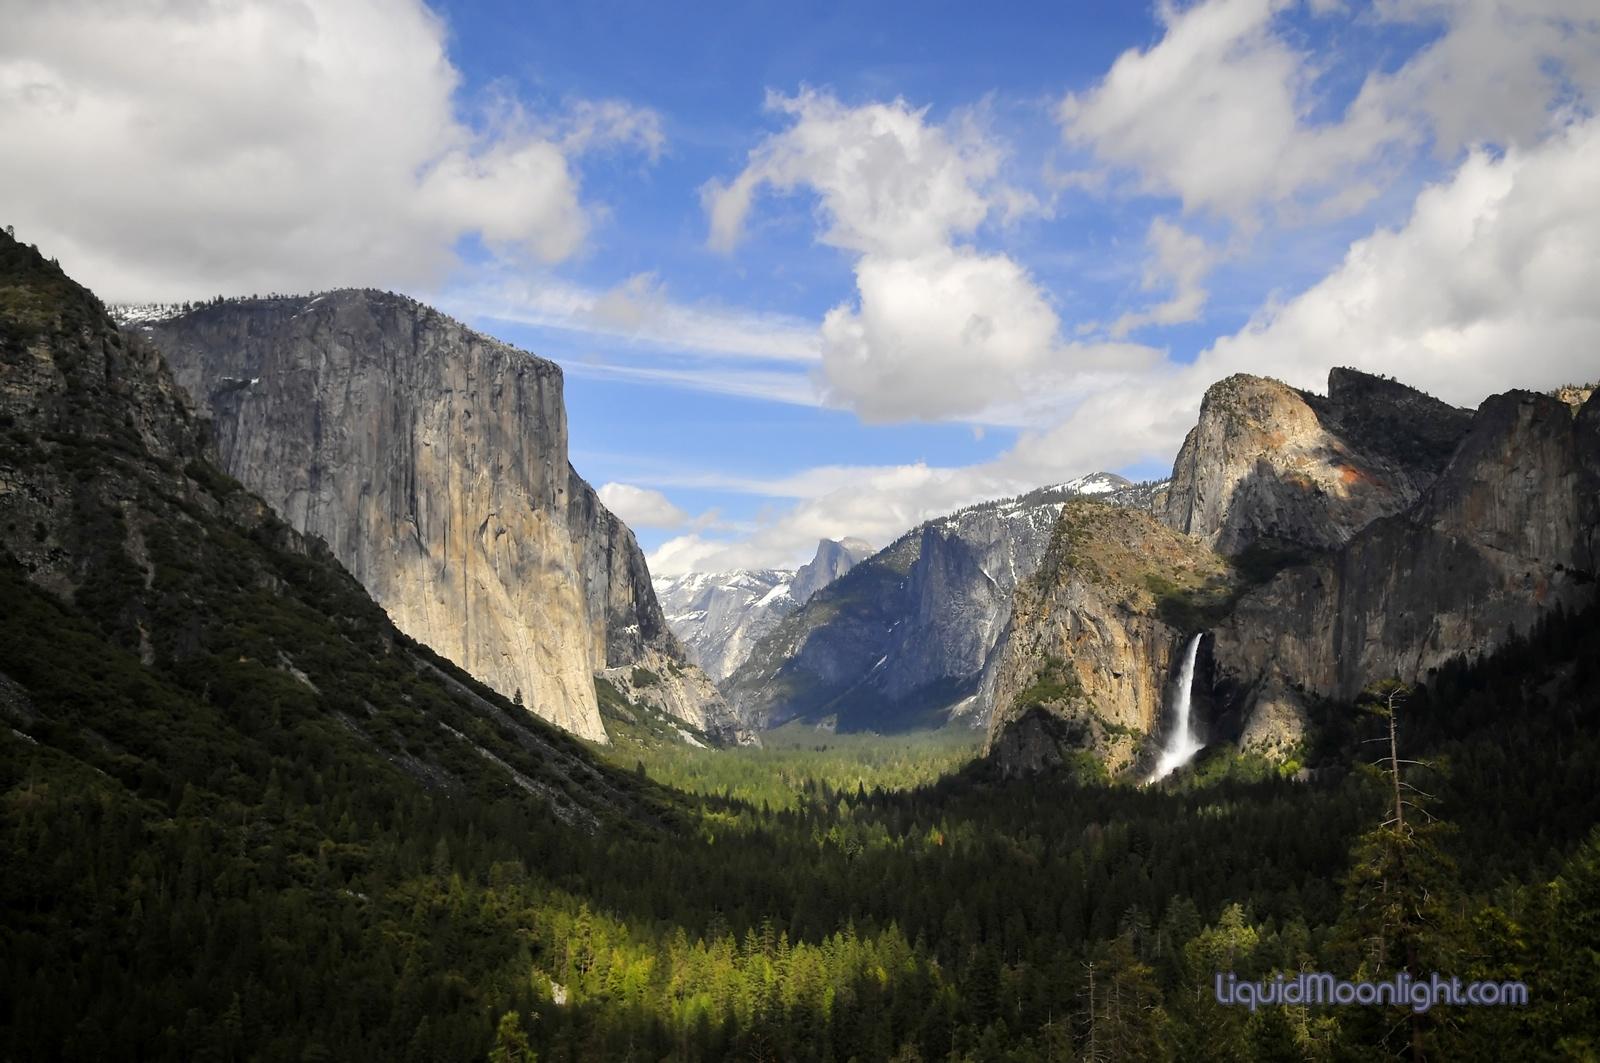 yosemite national park men Yosemite national park men's apparel welcome to our yosemite national park online store yosemite national park men's apparel.